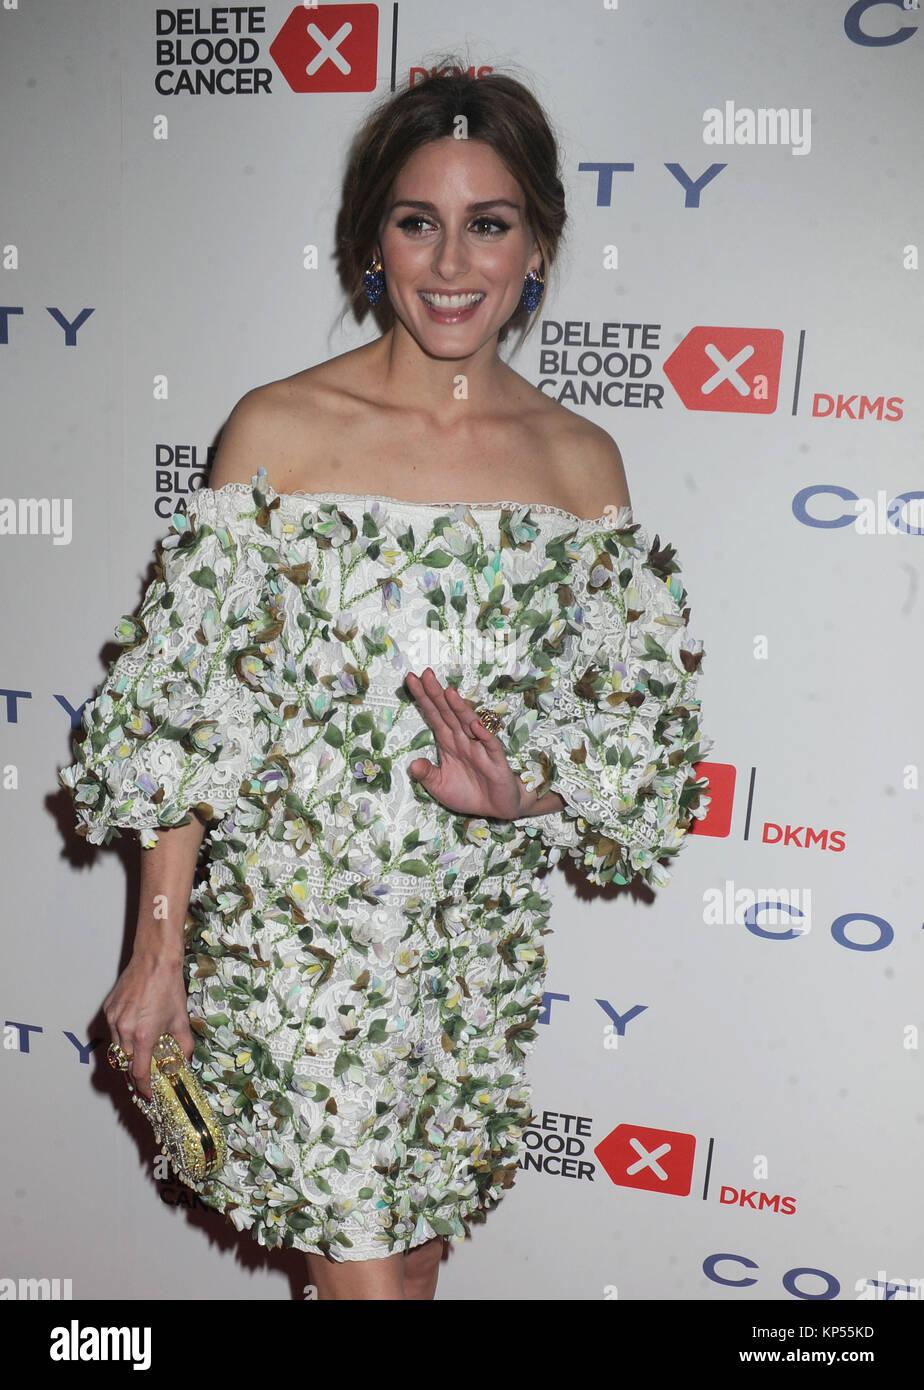 9f0d587e8f NEW YORK, NY - APRIL 16: Olivia Palermo attends the 9th Annual Delete Blood